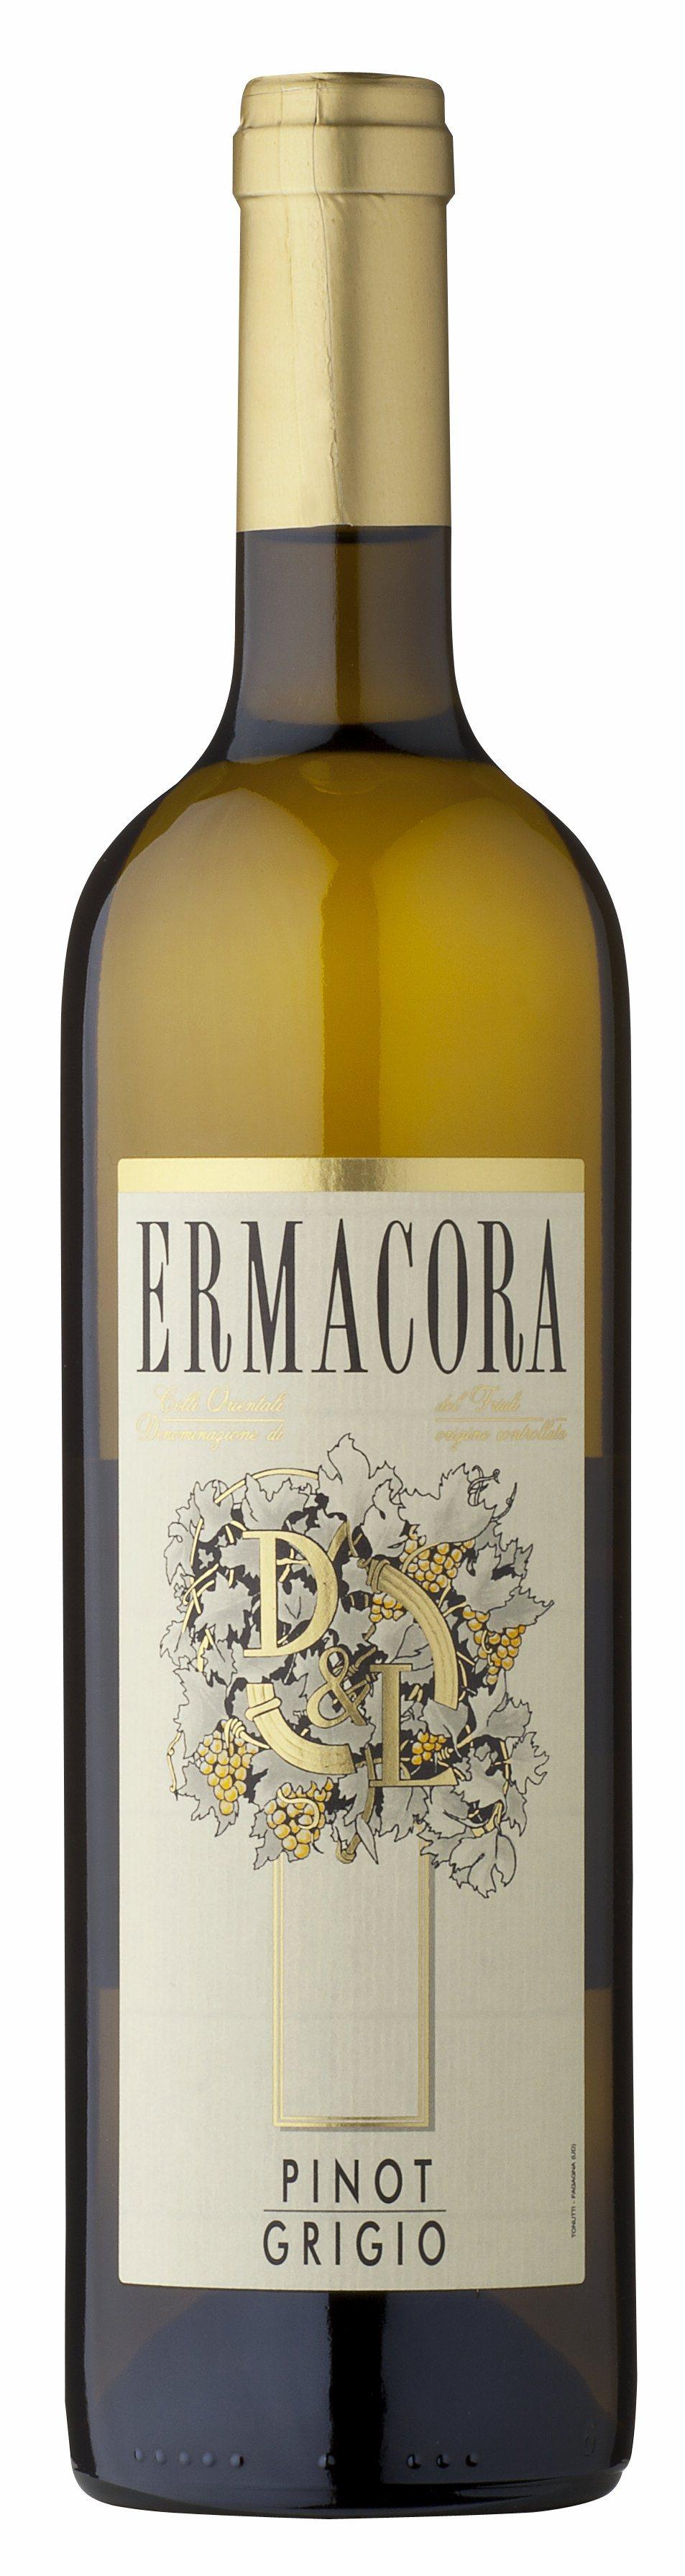 Pinot Grigio Colli Orientali del Friuli 2020 750 ML Ermacora